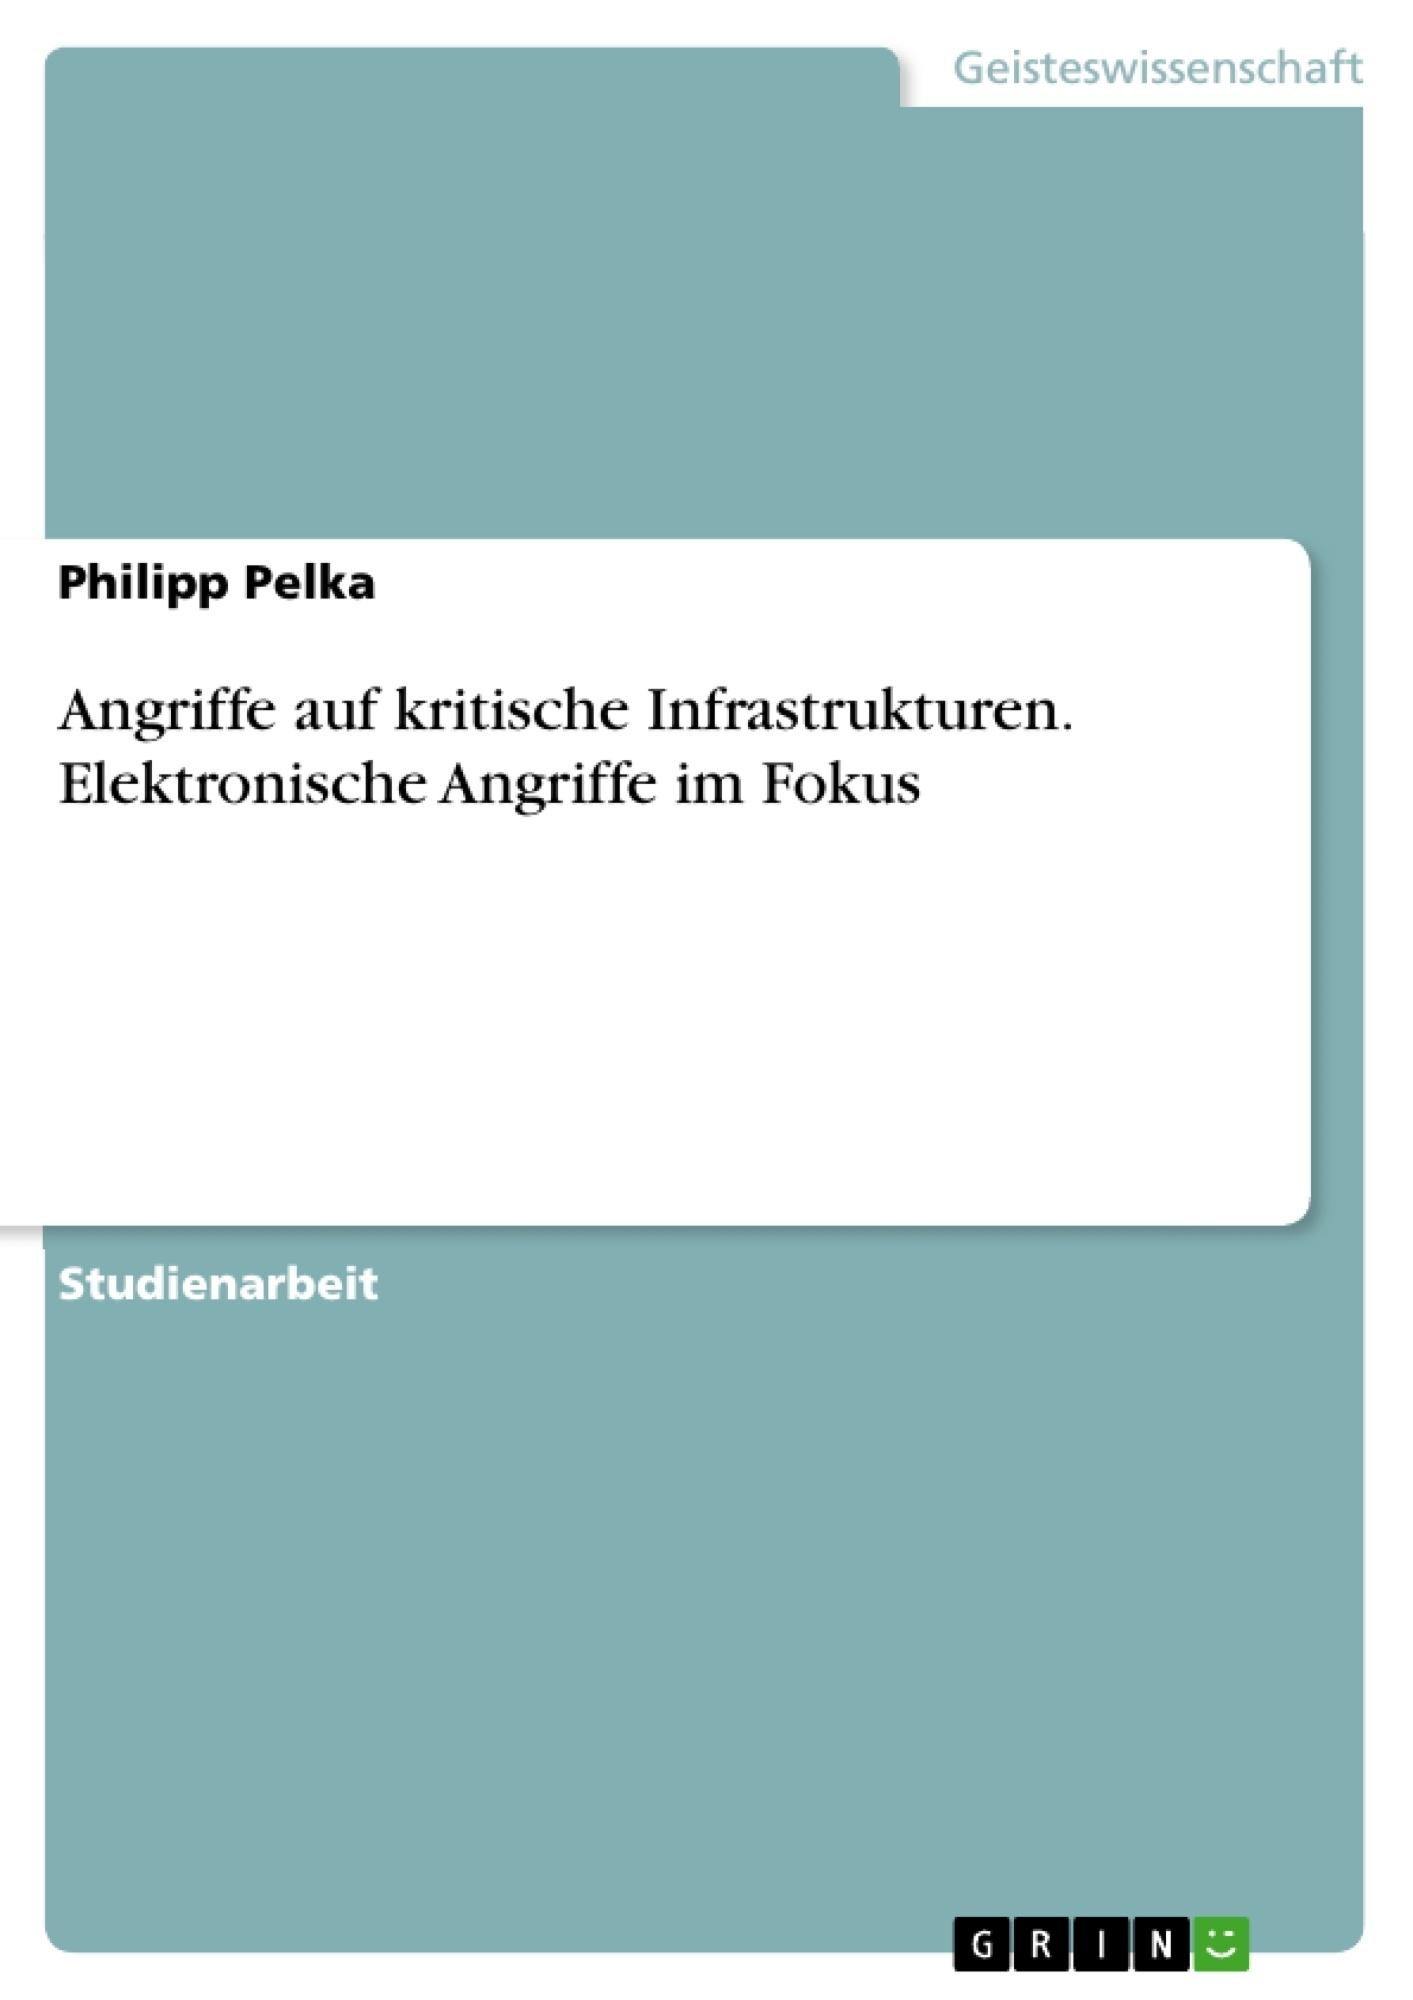 Titel: Angriffe auf kritische Infrastrukturen. Elektronische Angriffe im Fokus